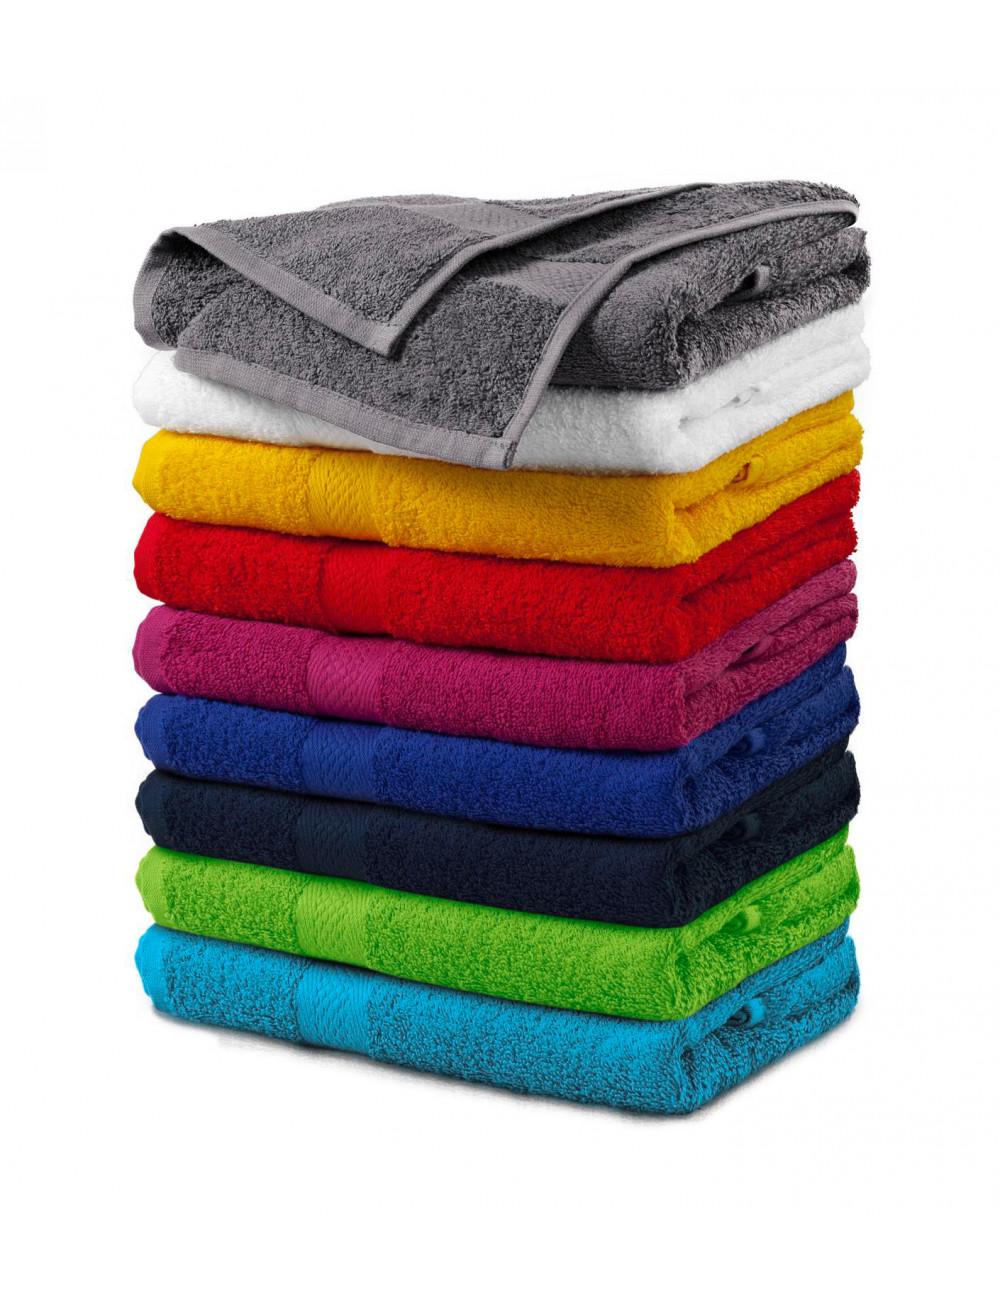 Adler MALFINI Ręcznik unisex Terry Towel 903 czerwony